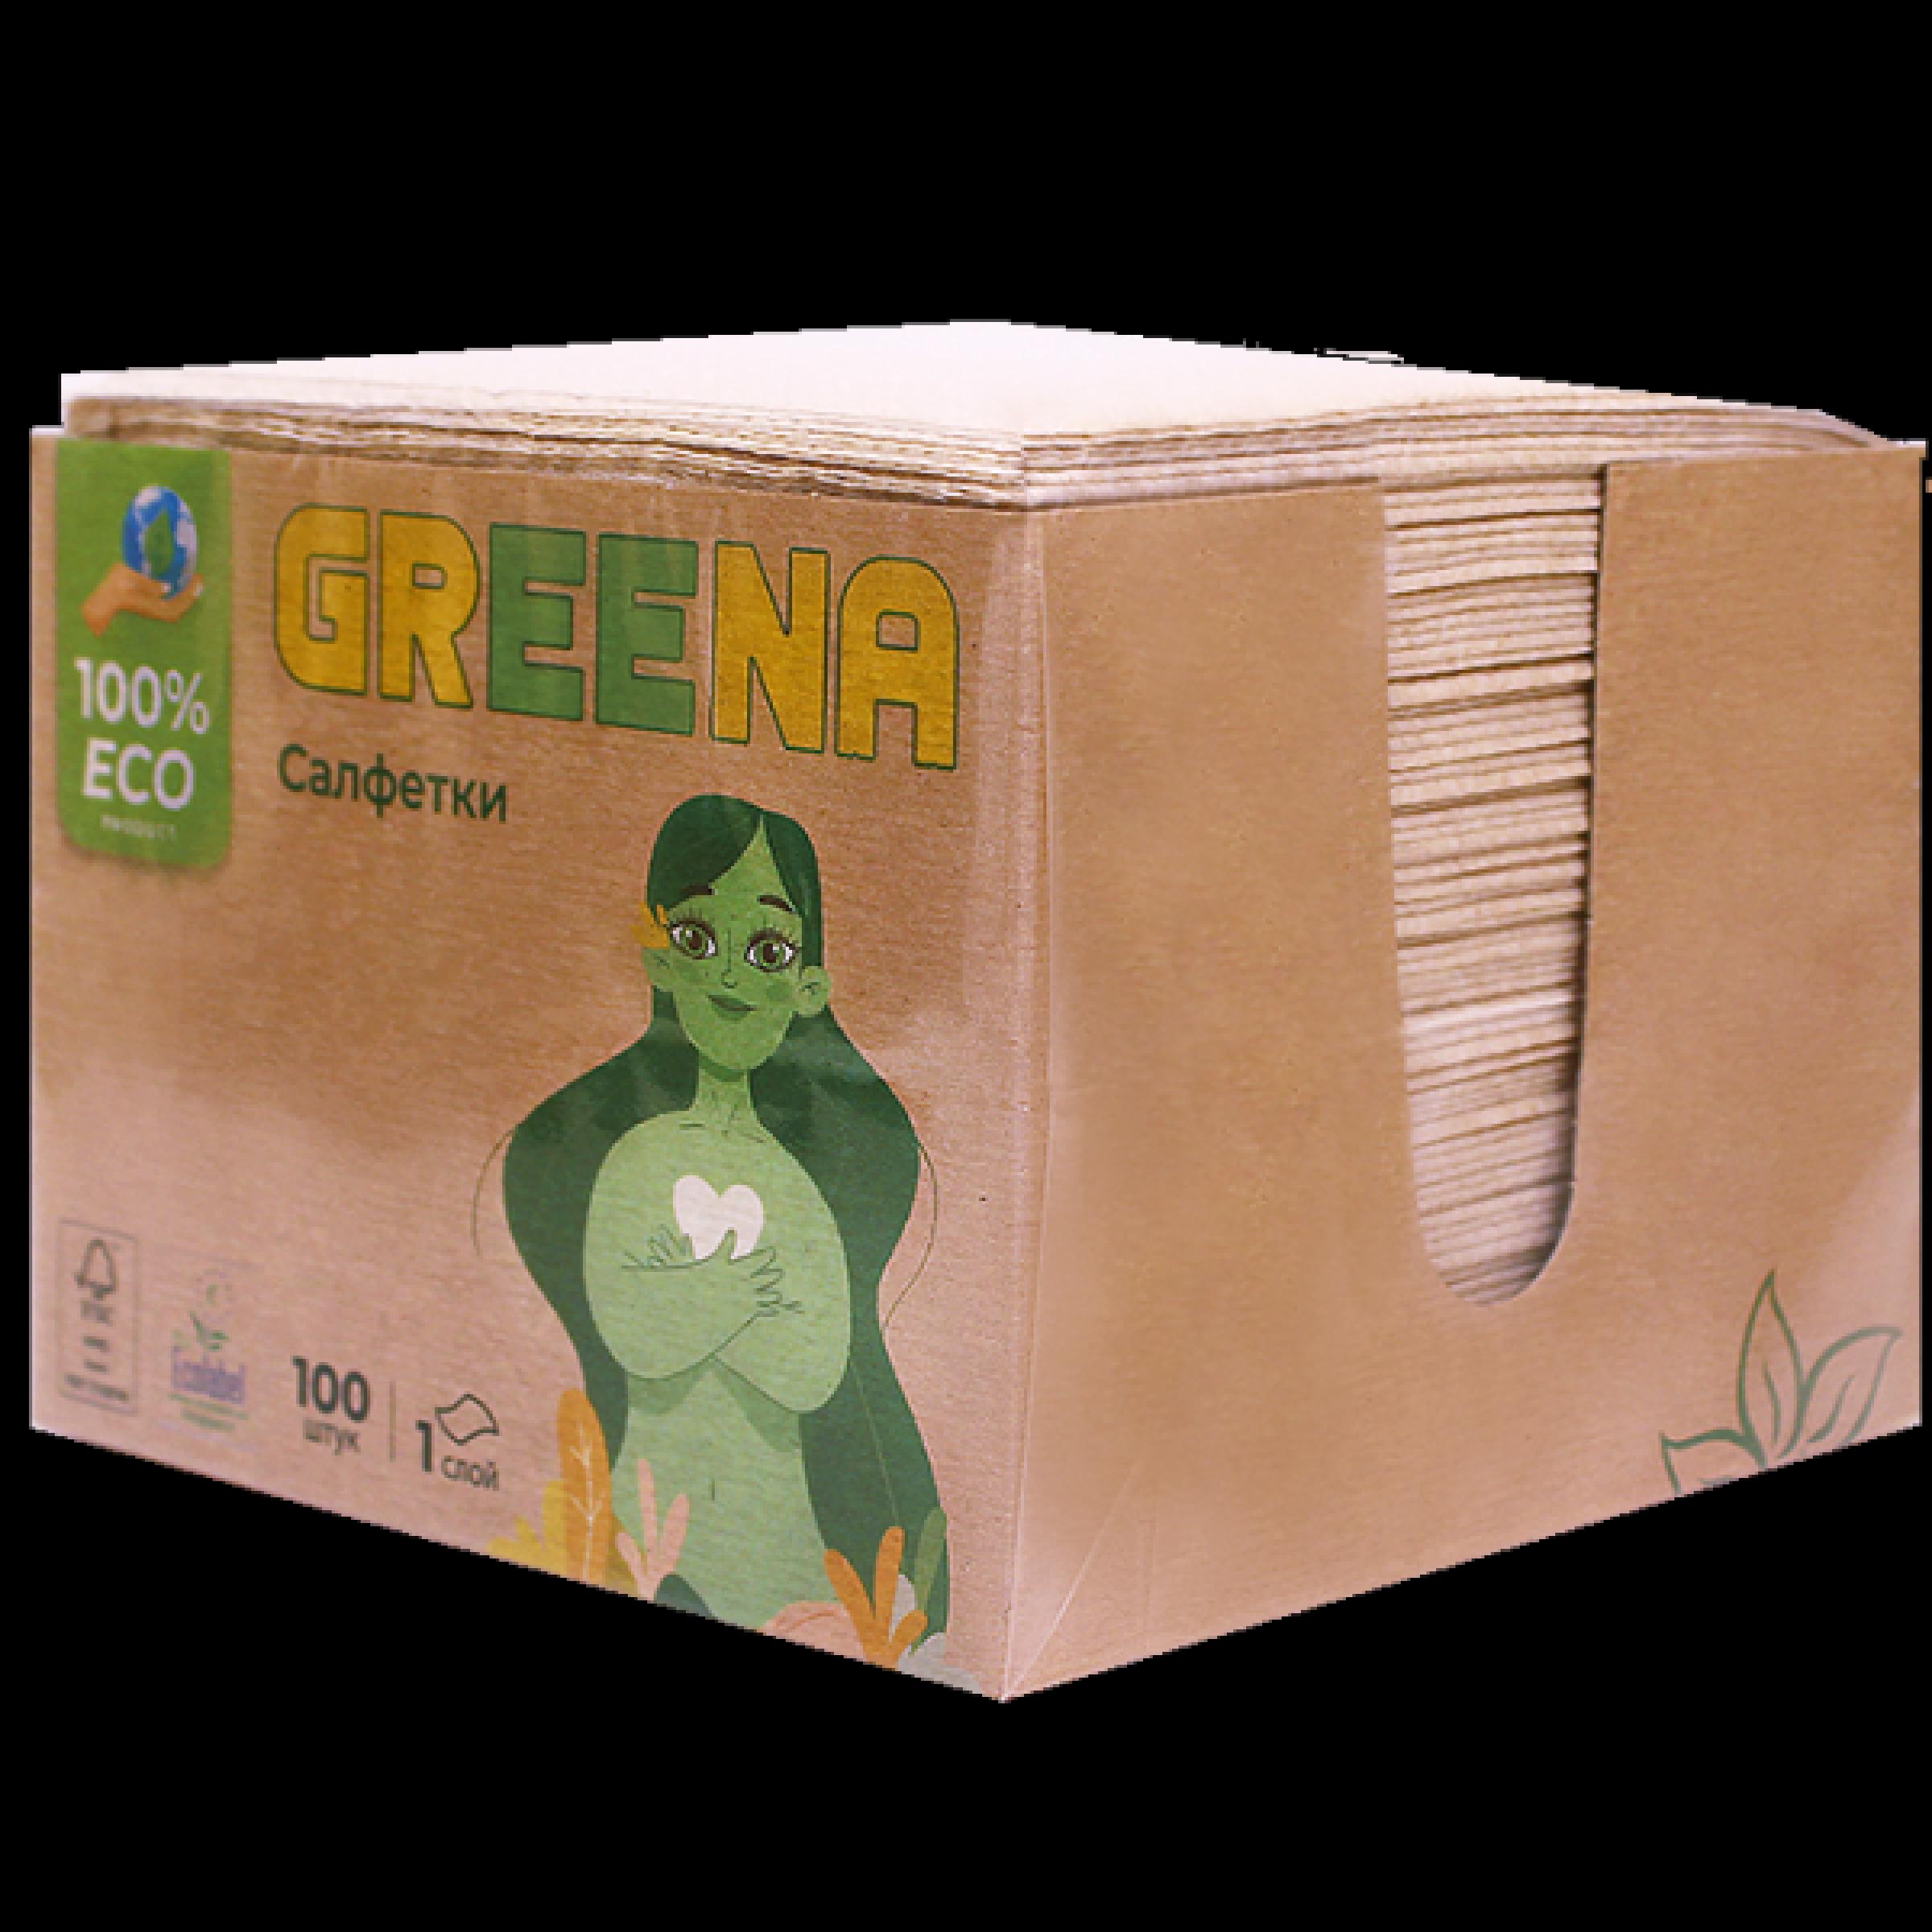 Салфетки бумажные Greena в коробке 1-слойные, 100 листов